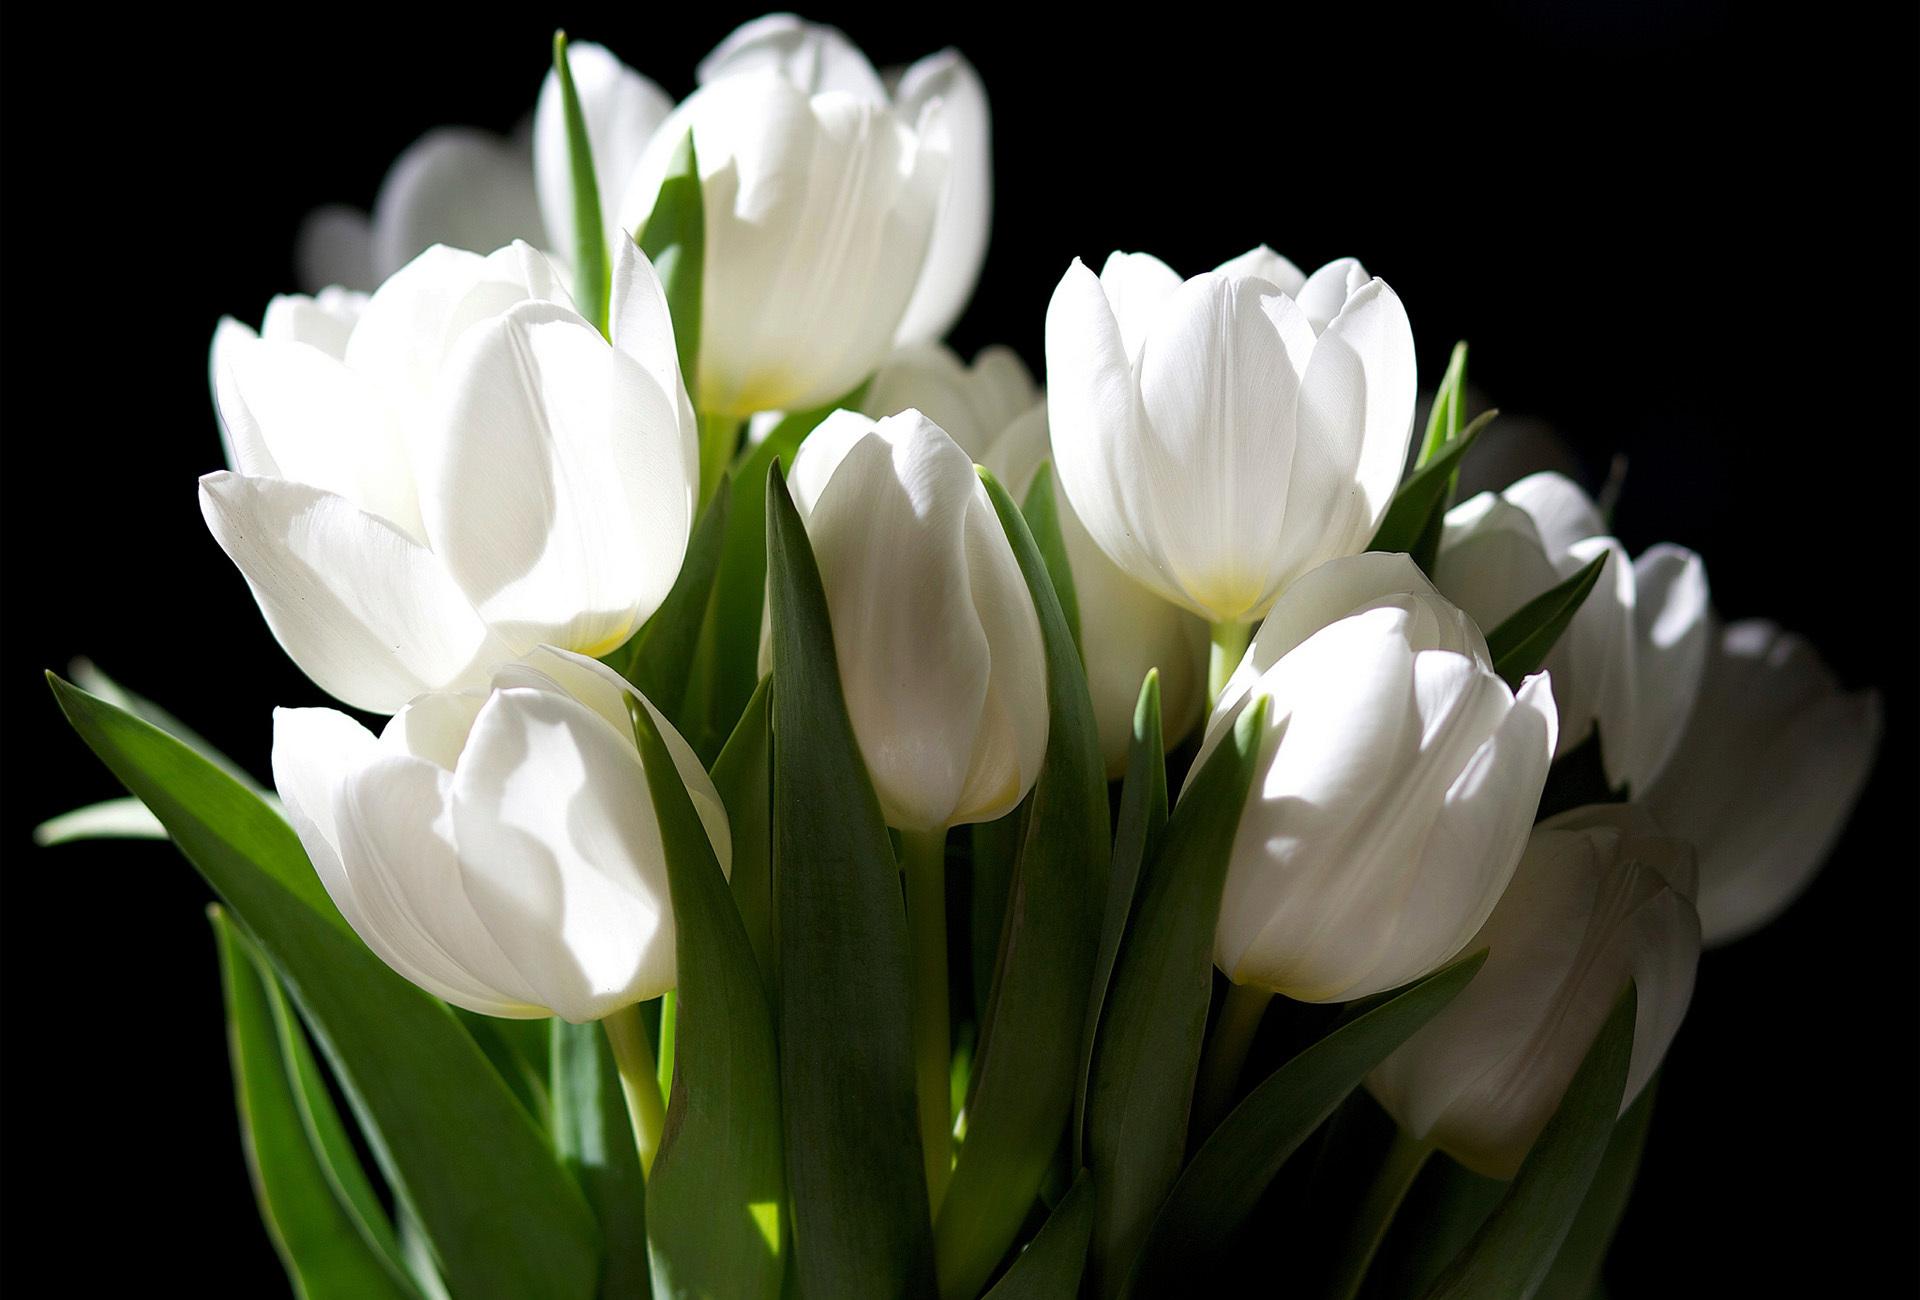 картинки с разрешением белые цветы свой провайдер всегда